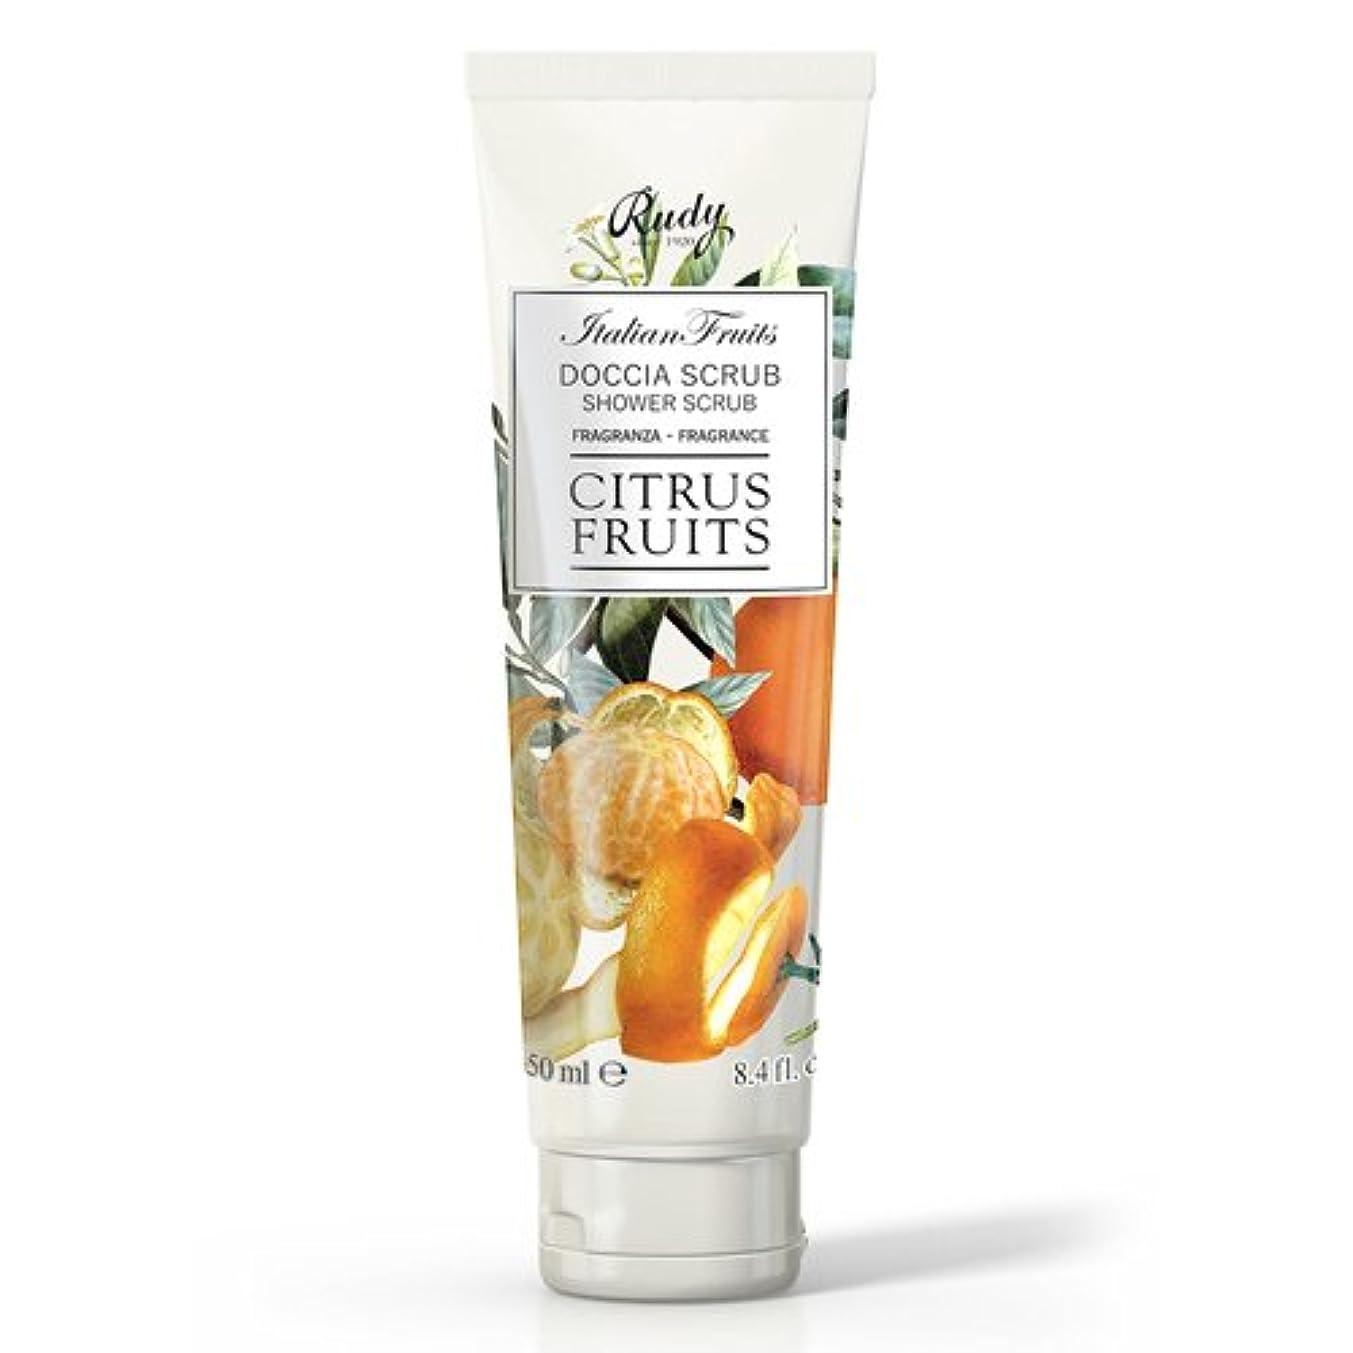 目に見える事前にメールRUDY Italian Fruits Series ルディ イタリアンフルーツ Shower Scrub シャワースクラブ Citrus Fruits